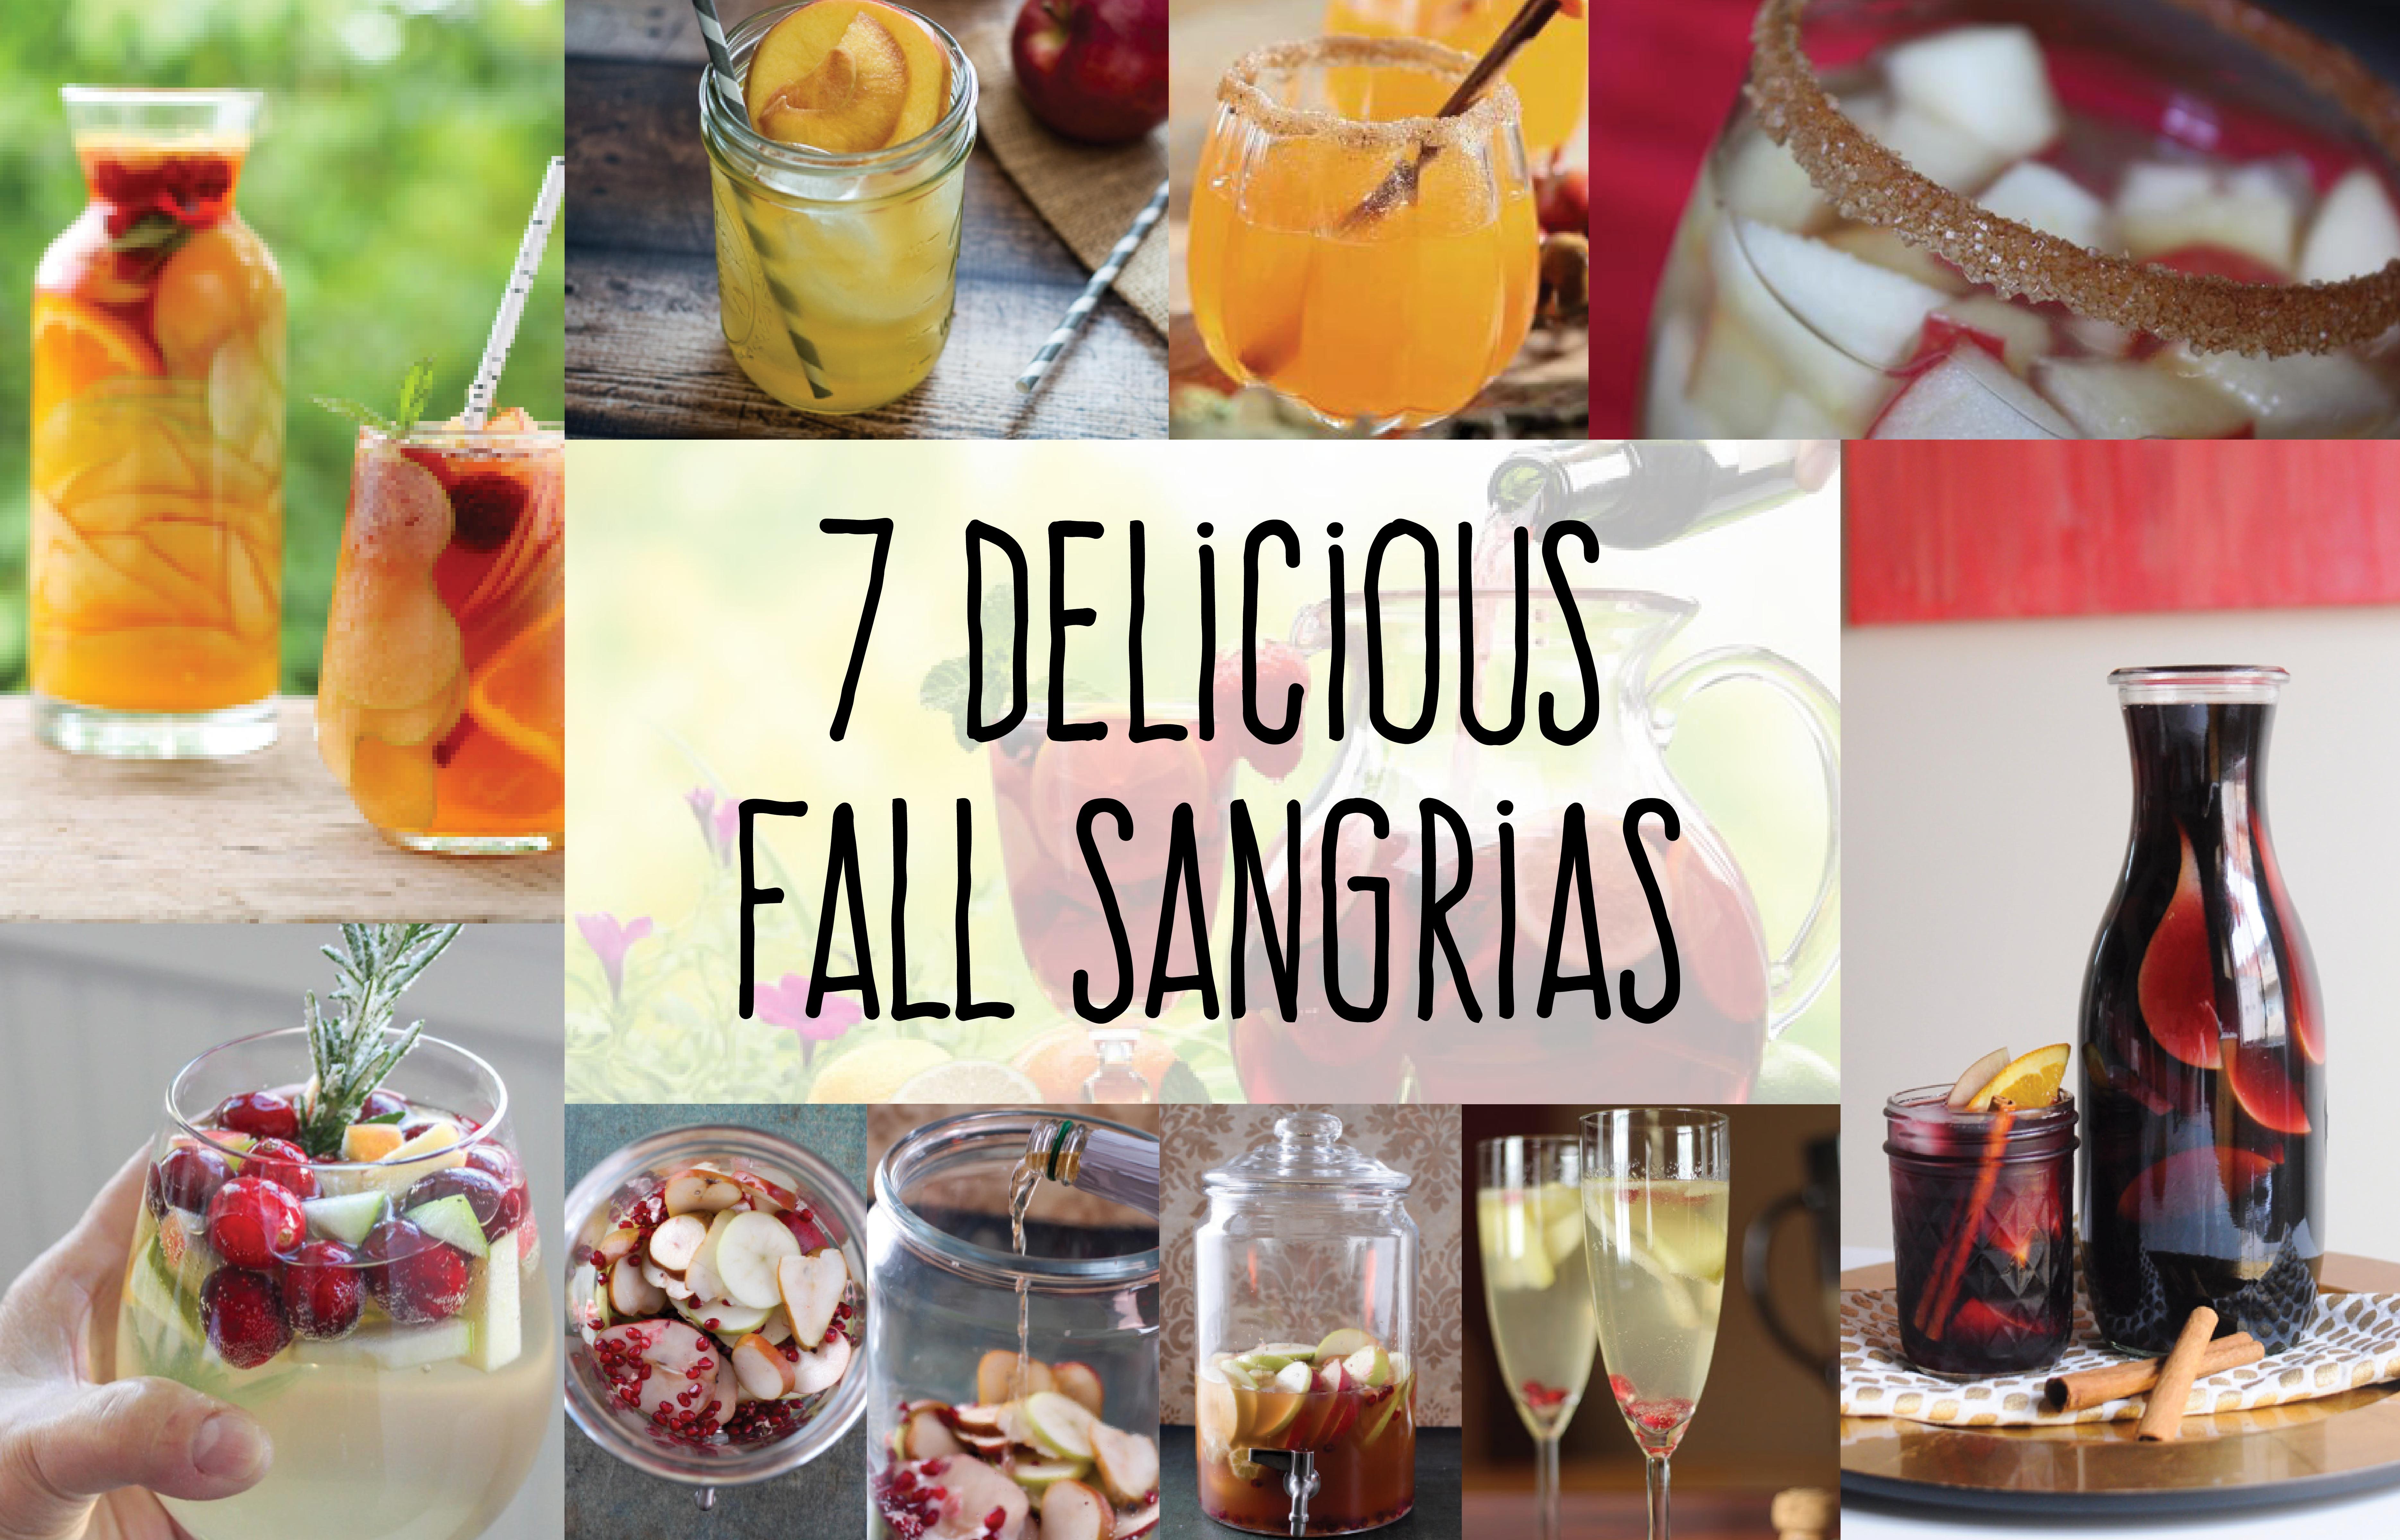 7 delicious fall sangrias